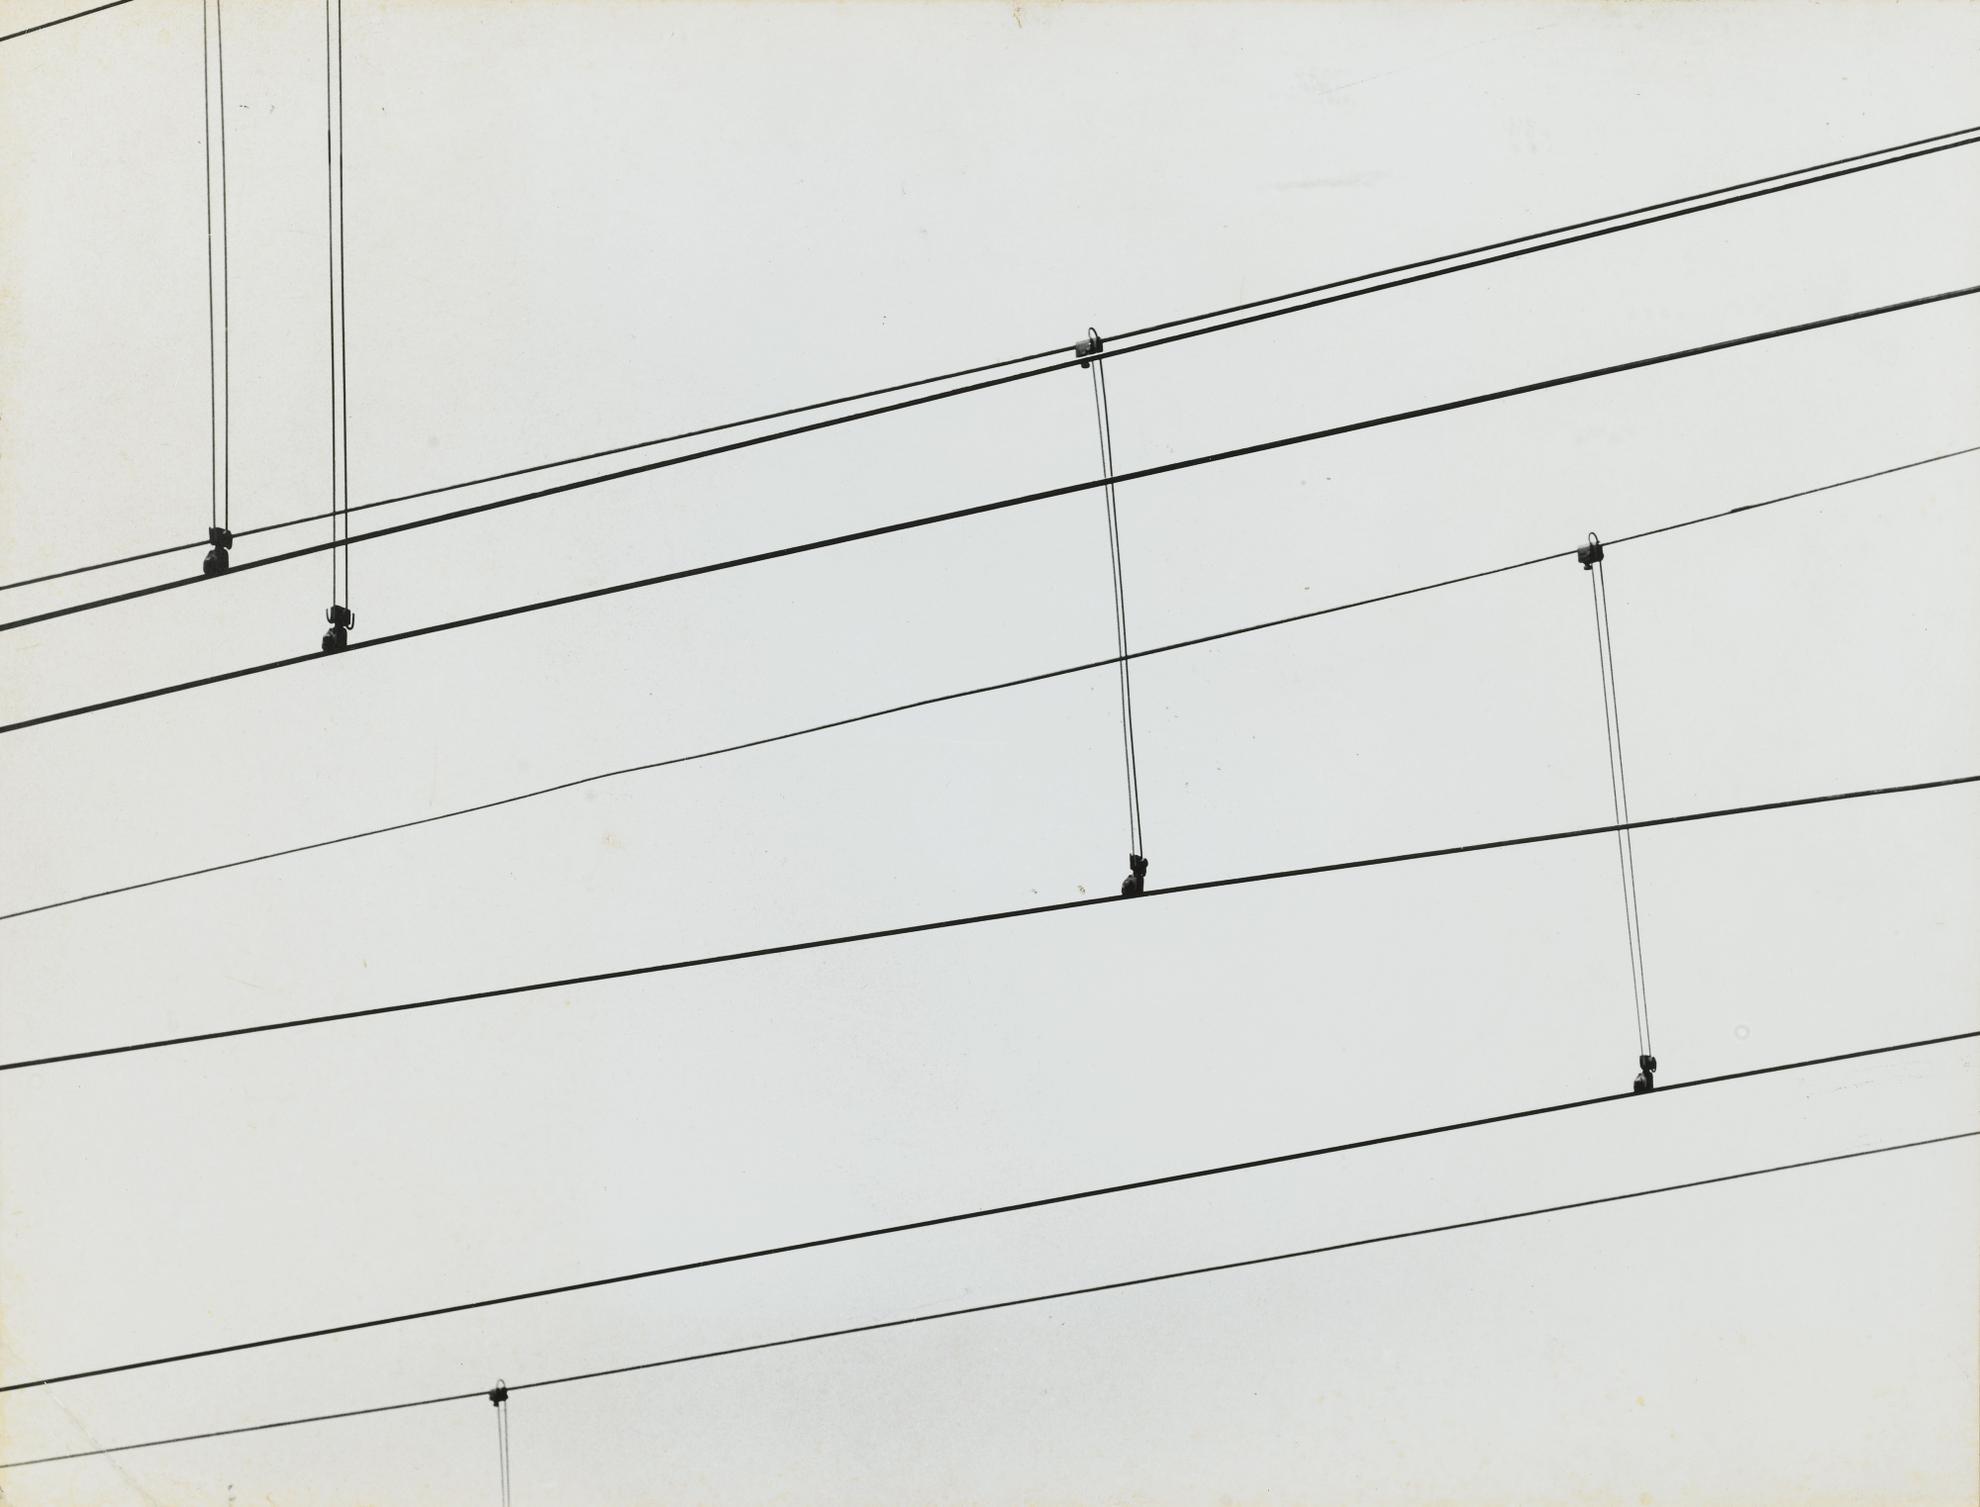 Otto Steinert-Luminogramm II, 1952 Punkte Und Linien, 1953 Lothringische Industrielandschaft, 1956-1956